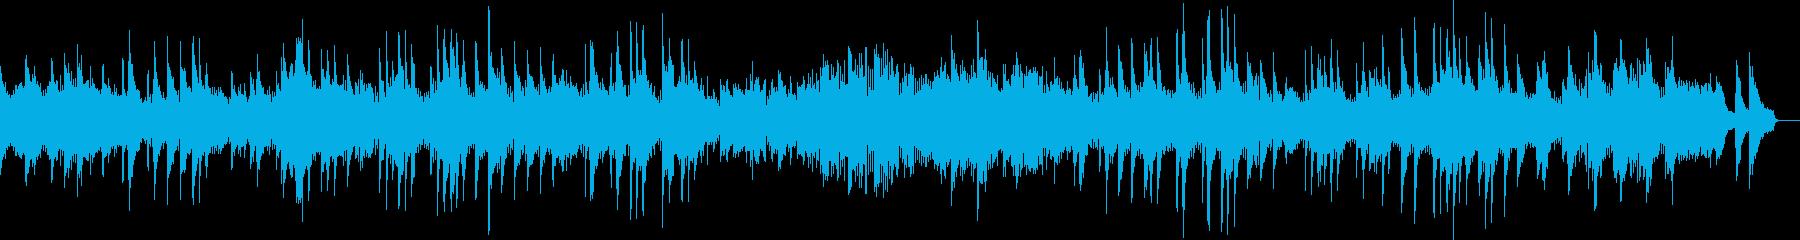 ベートーヴェン 月光 第一楽章 ピアノの再生済みの波形